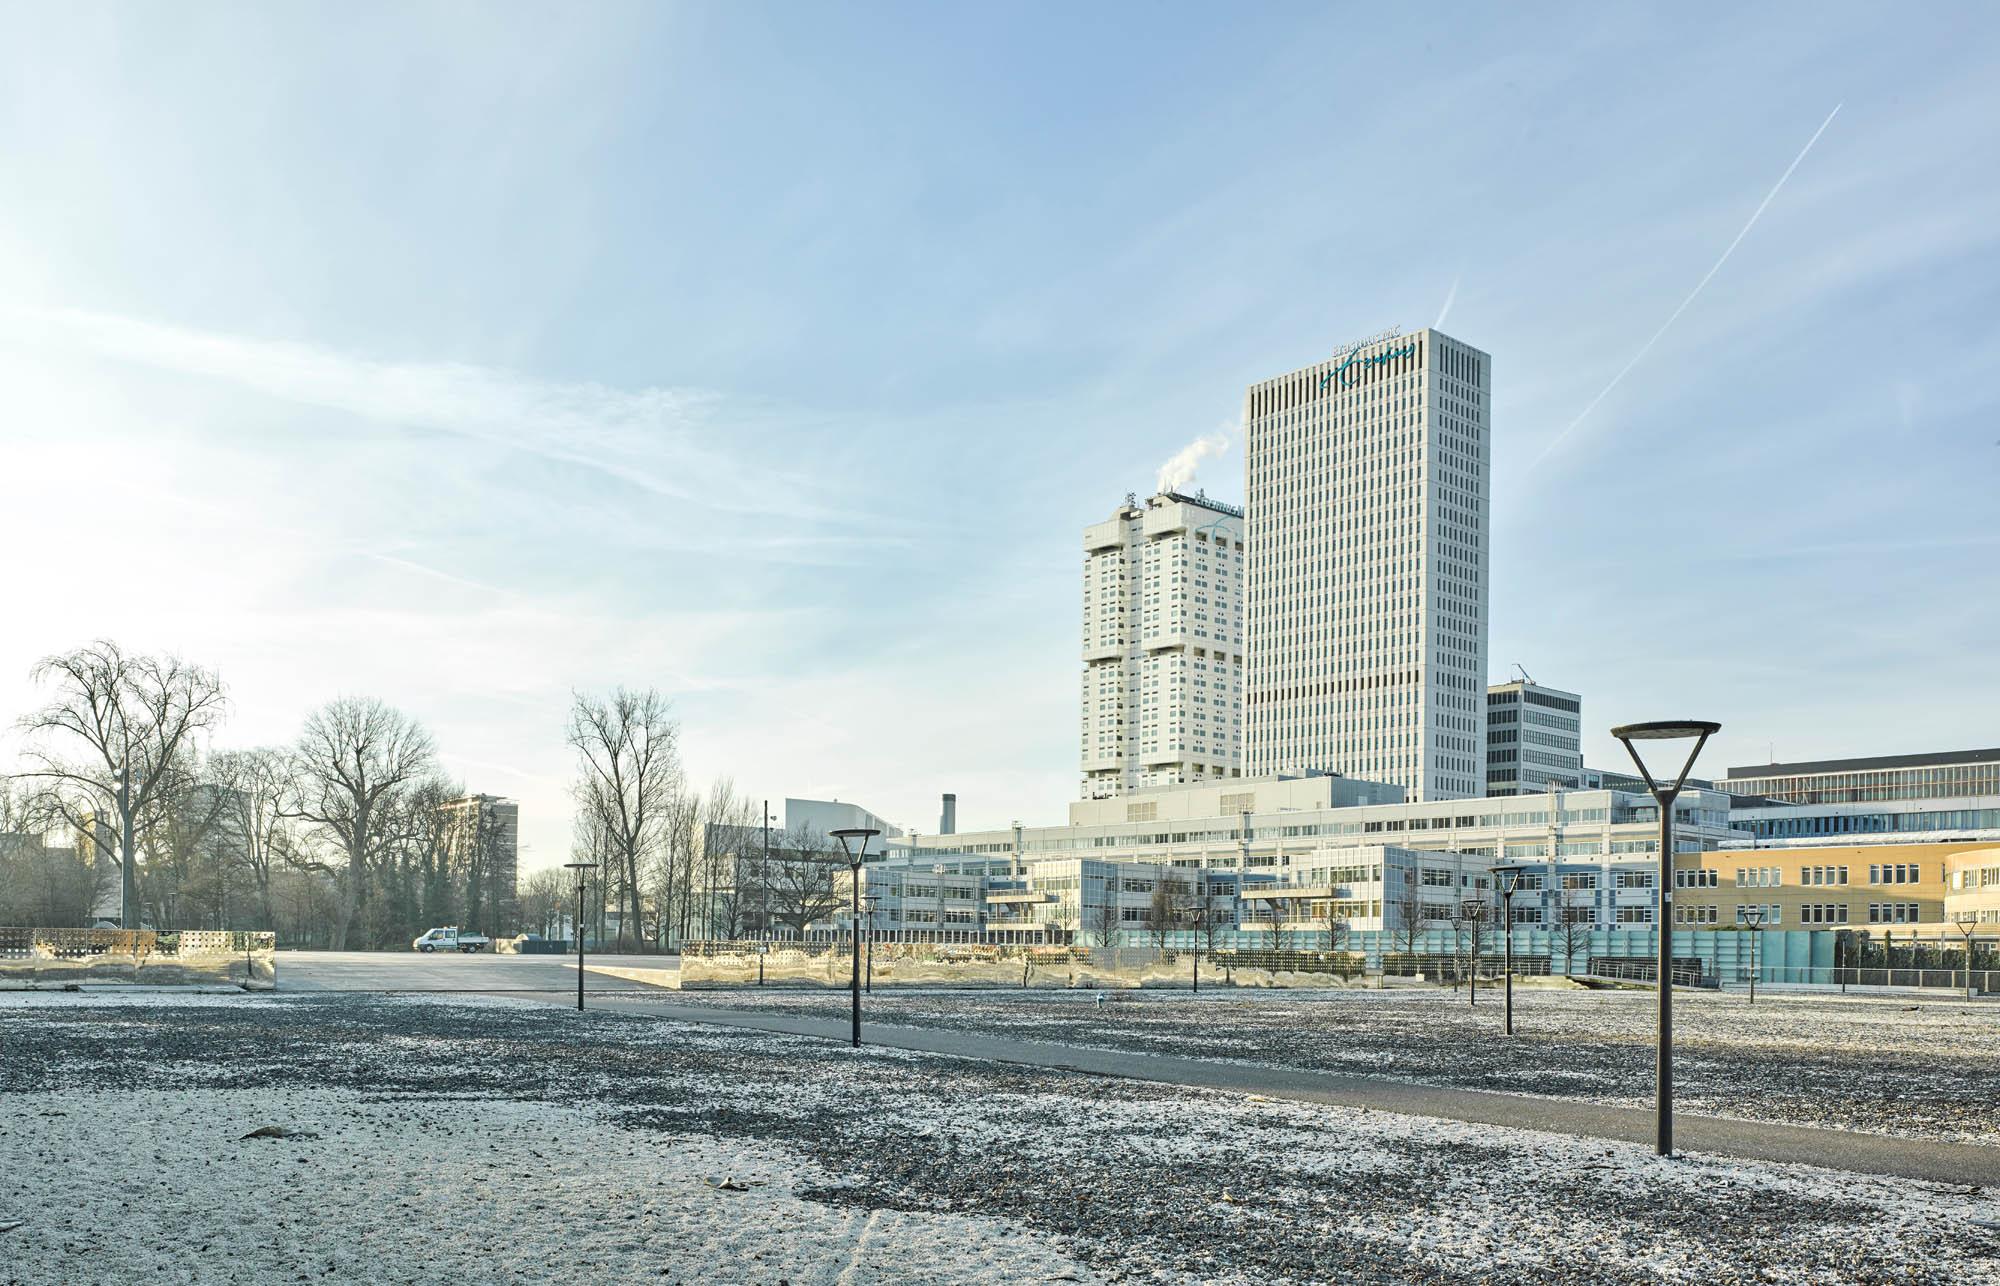 Opp 004738 - Rotterdam: Spielwiese verrückter Architektur von Weltruf